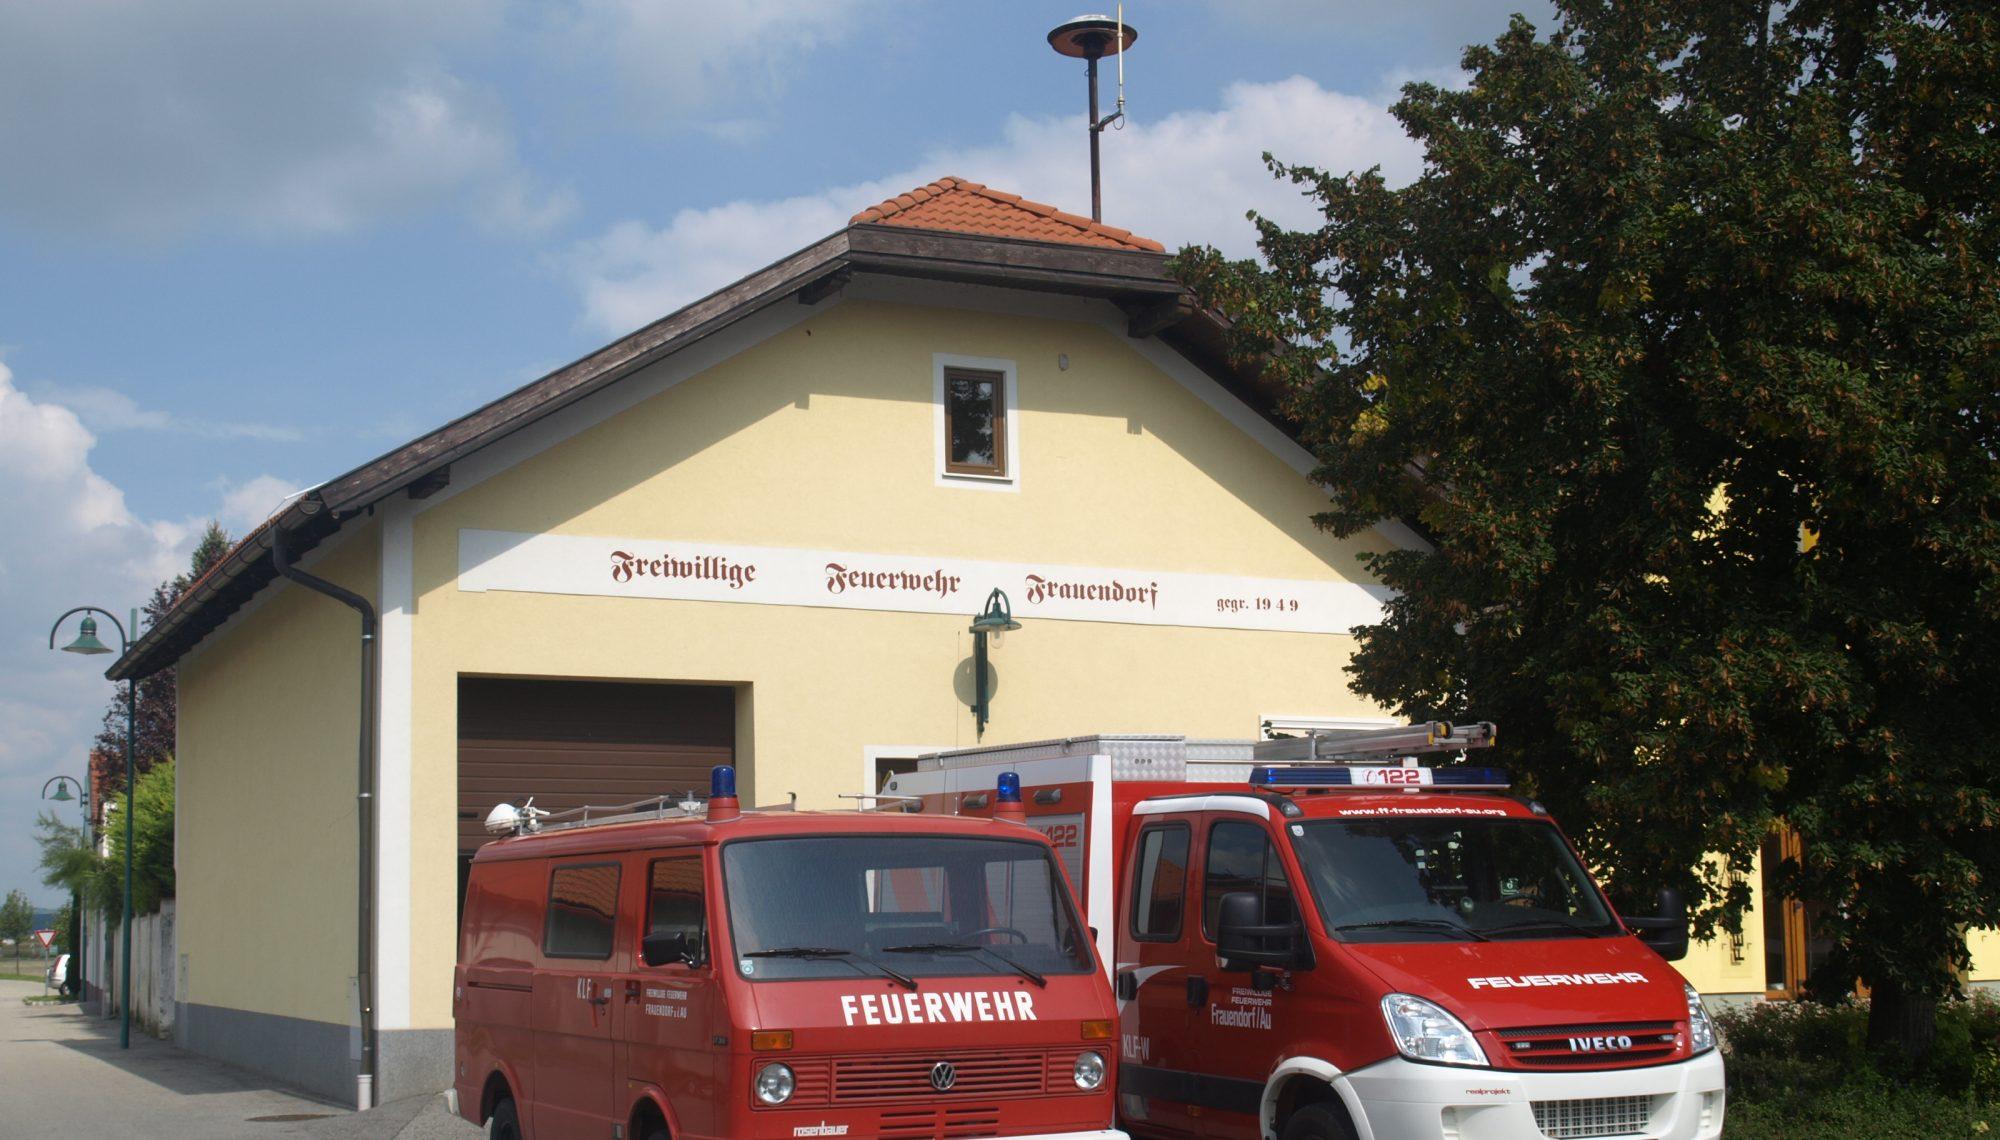 Feuerwehr Frauendorf